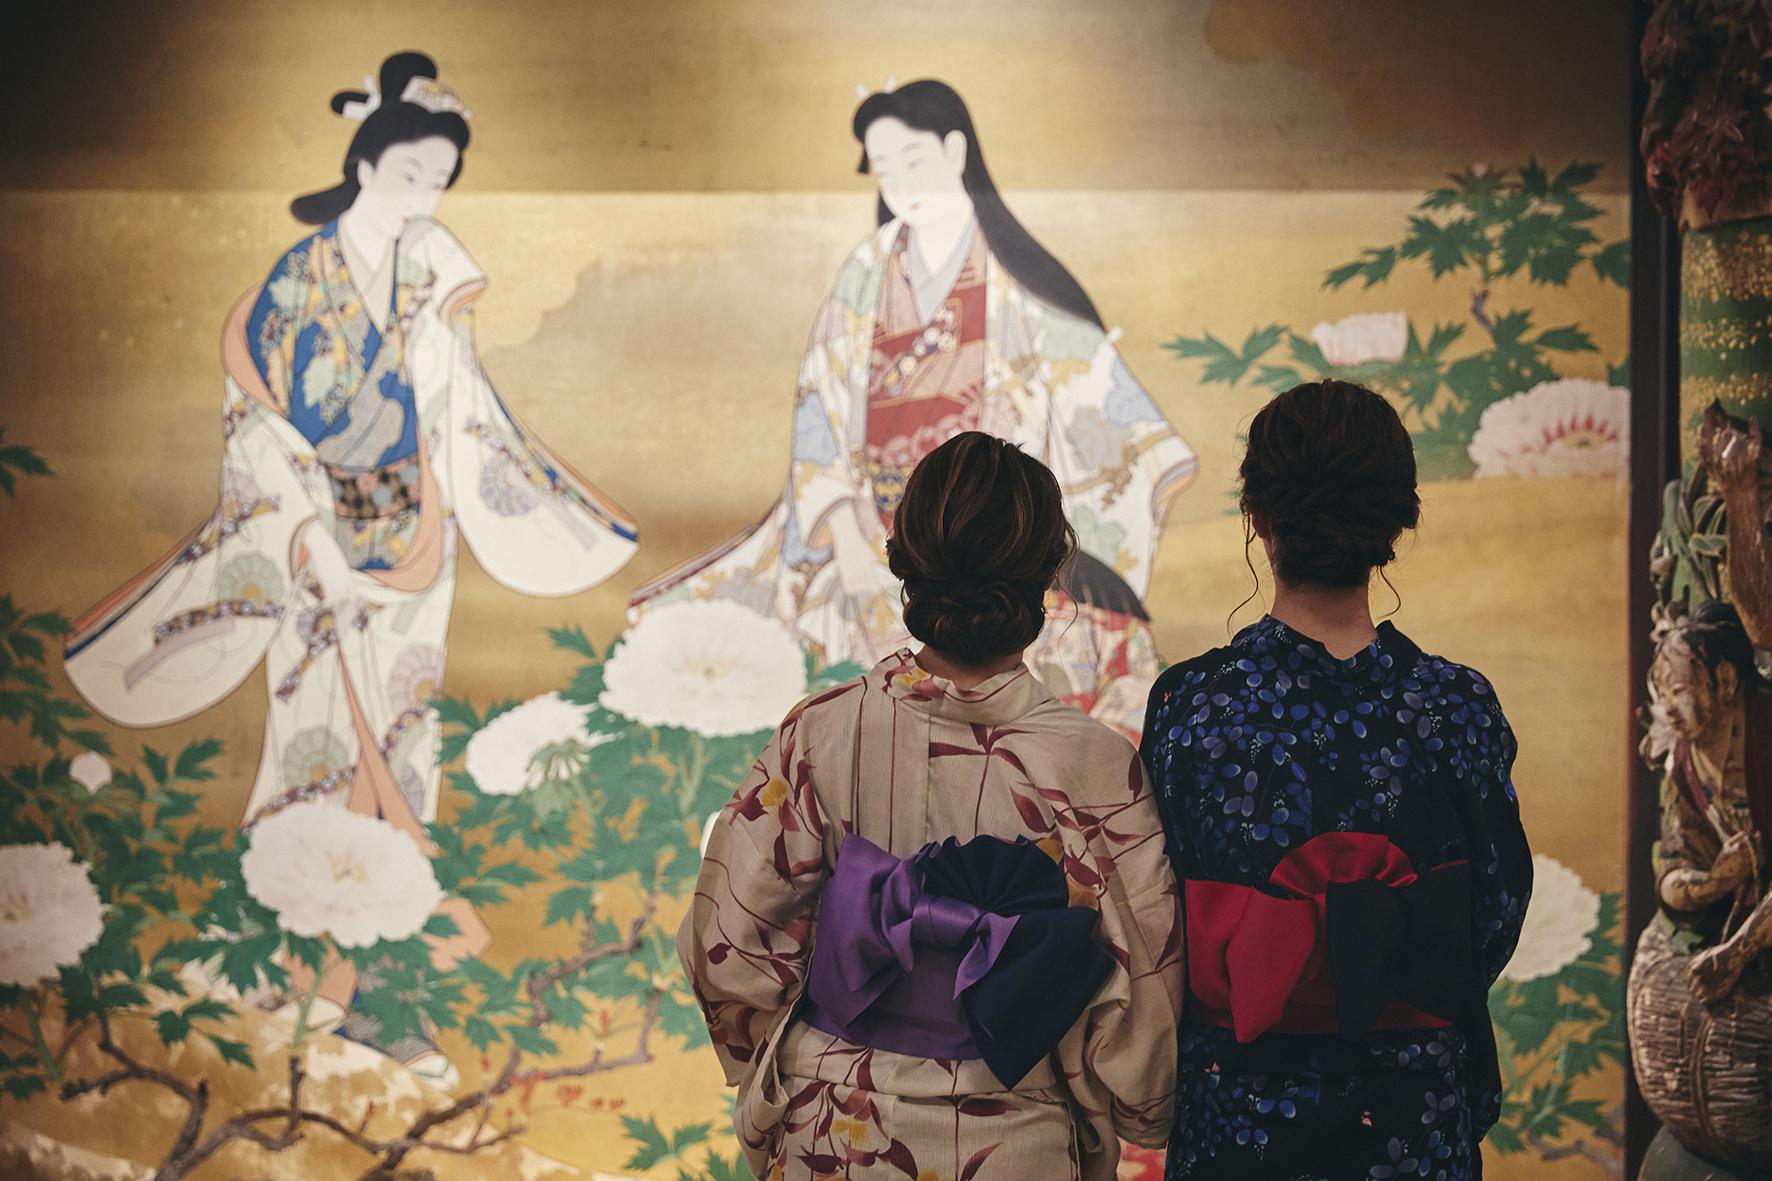 [ホテル雅叙園東京 浴衣でお食事] 日本美を感じる夏「浴衣プラン」 夏の人気プランが今年も登場